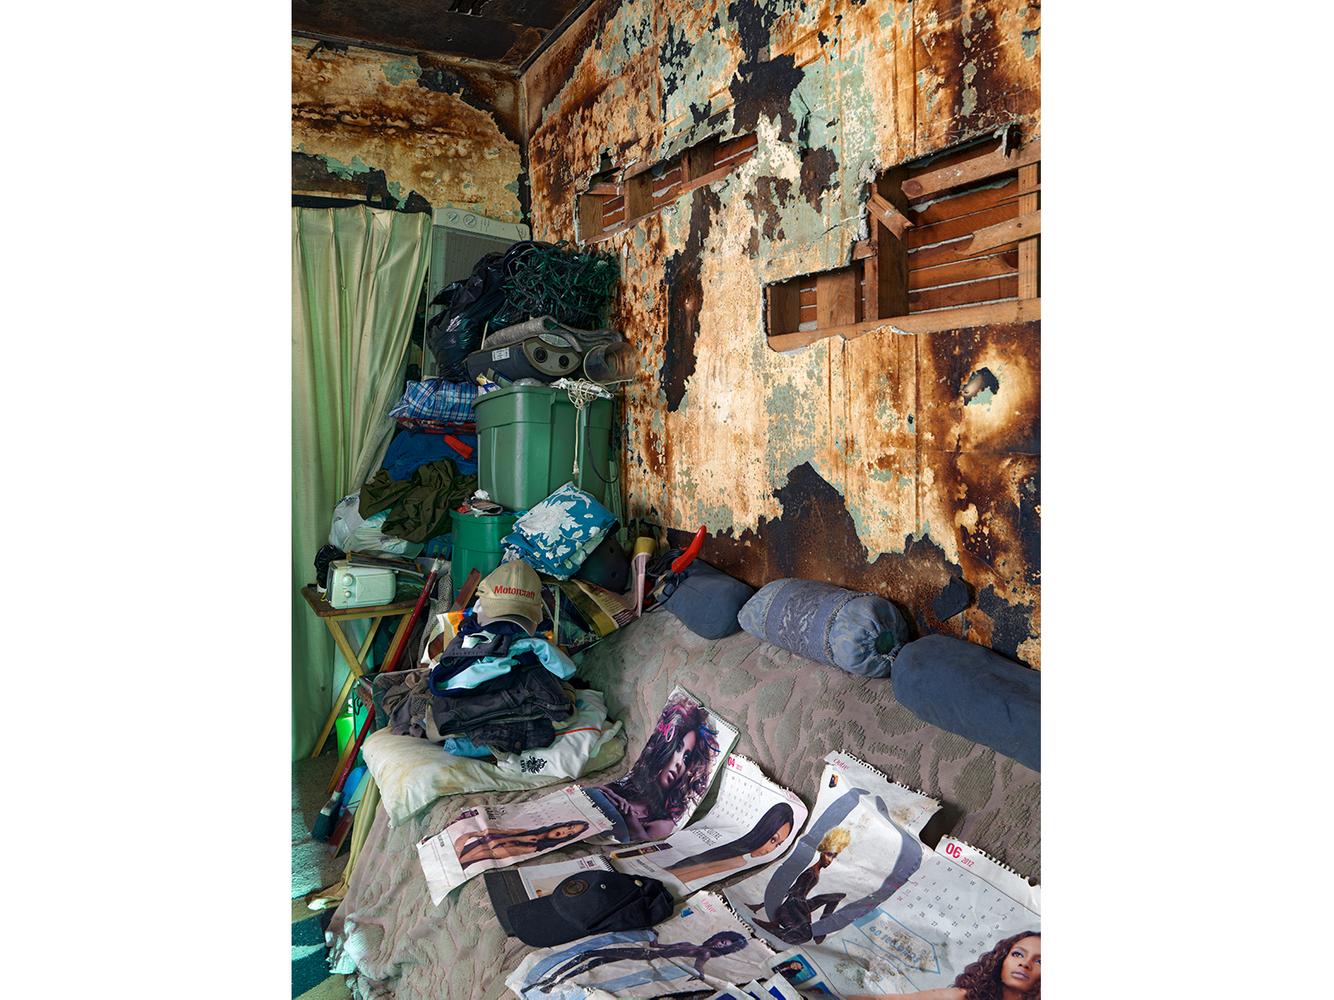 Living Room in Billy's House, Eastside, Detroit 2013